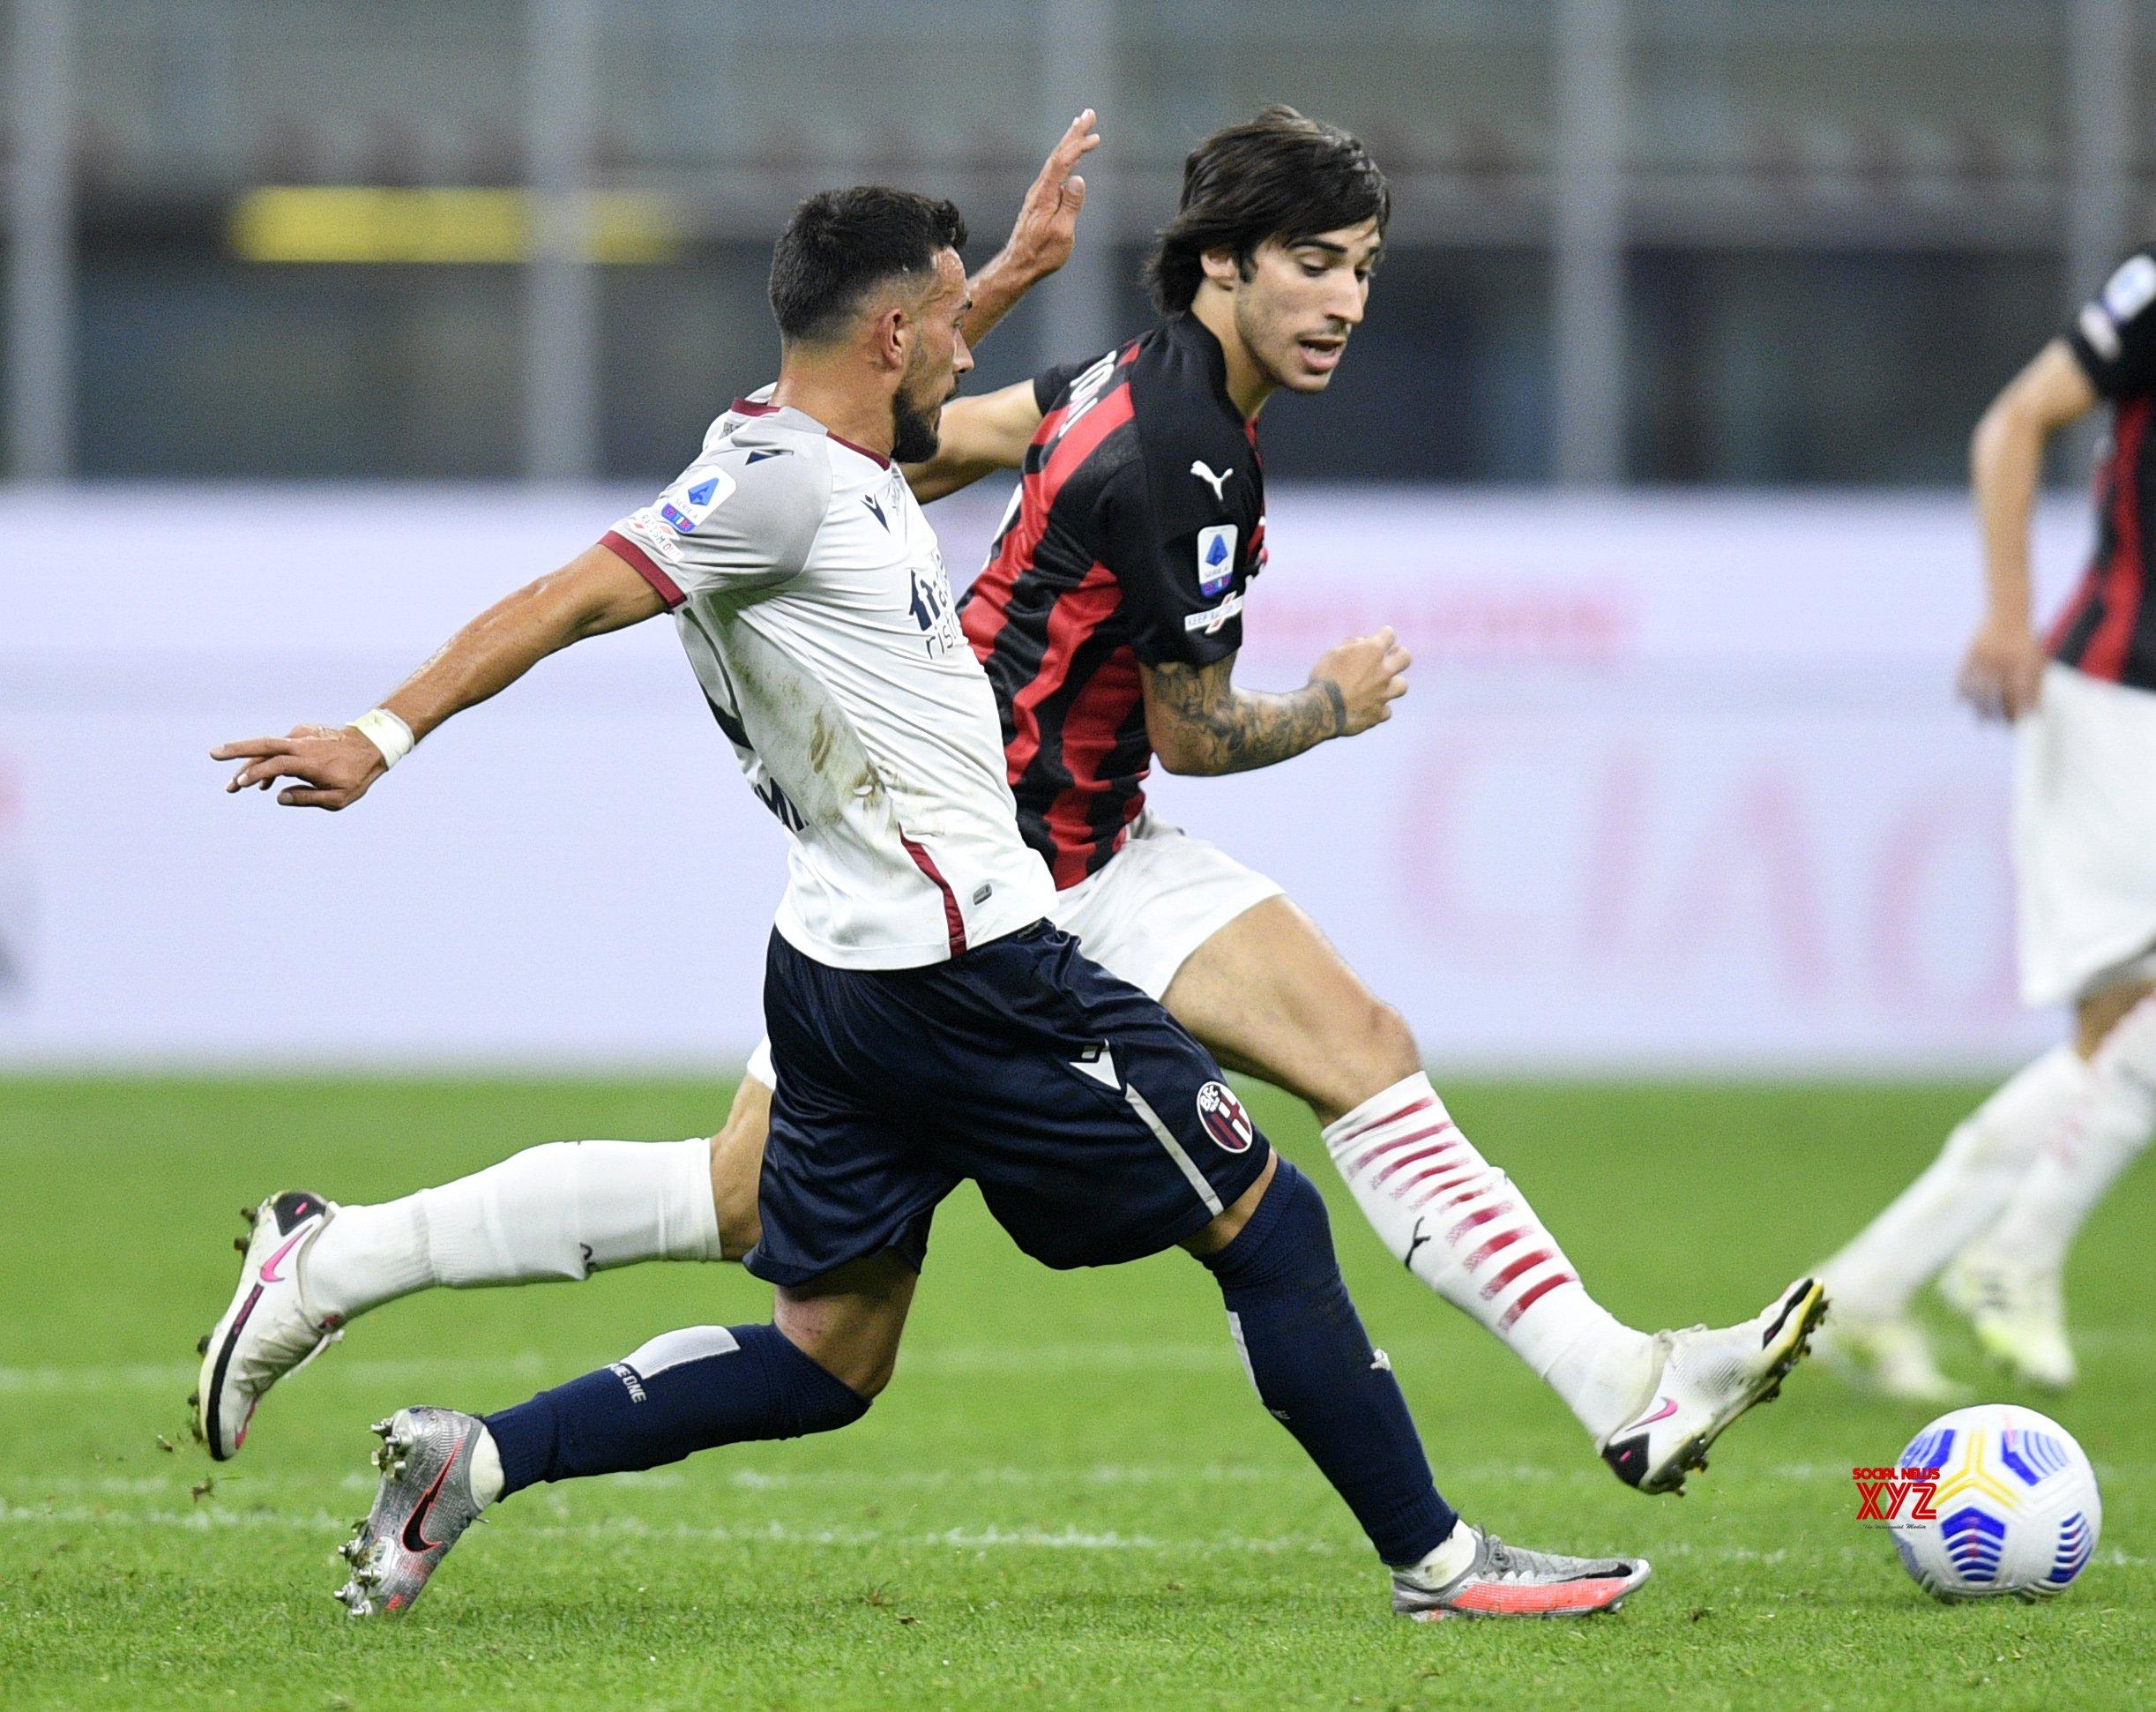 ITALY - MILAN - FOOTBALL - SERIE A - AC MILAN VS BOLOGNA #Gallery